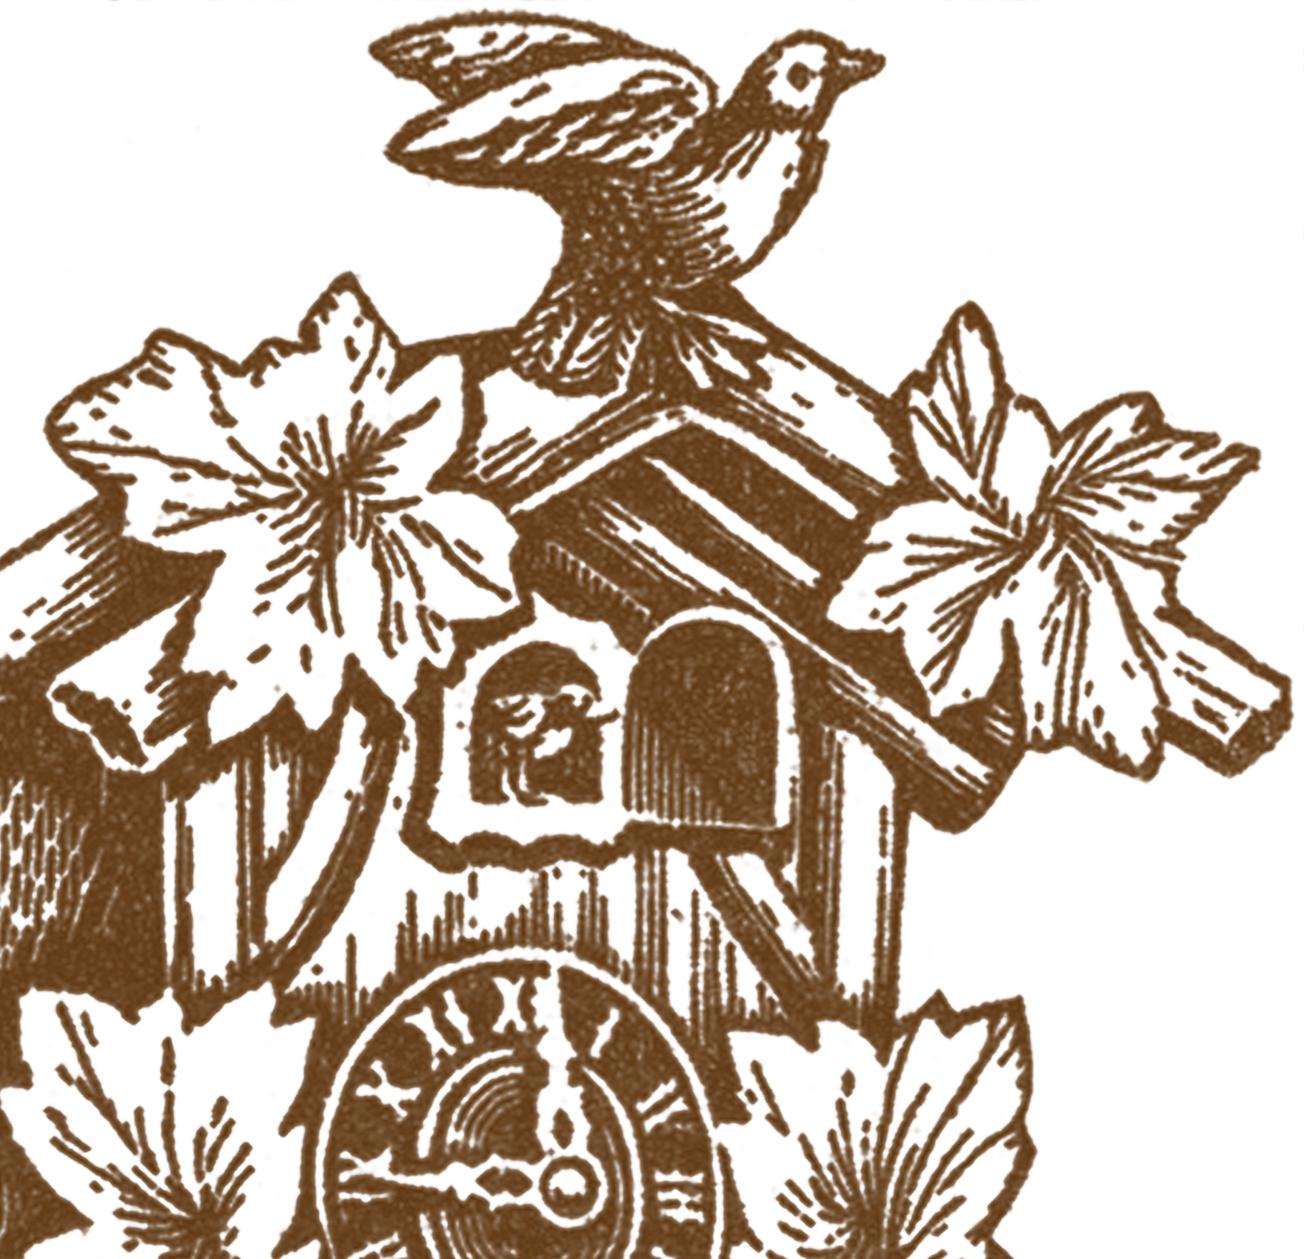 Vintage Cuckoo Clock Images